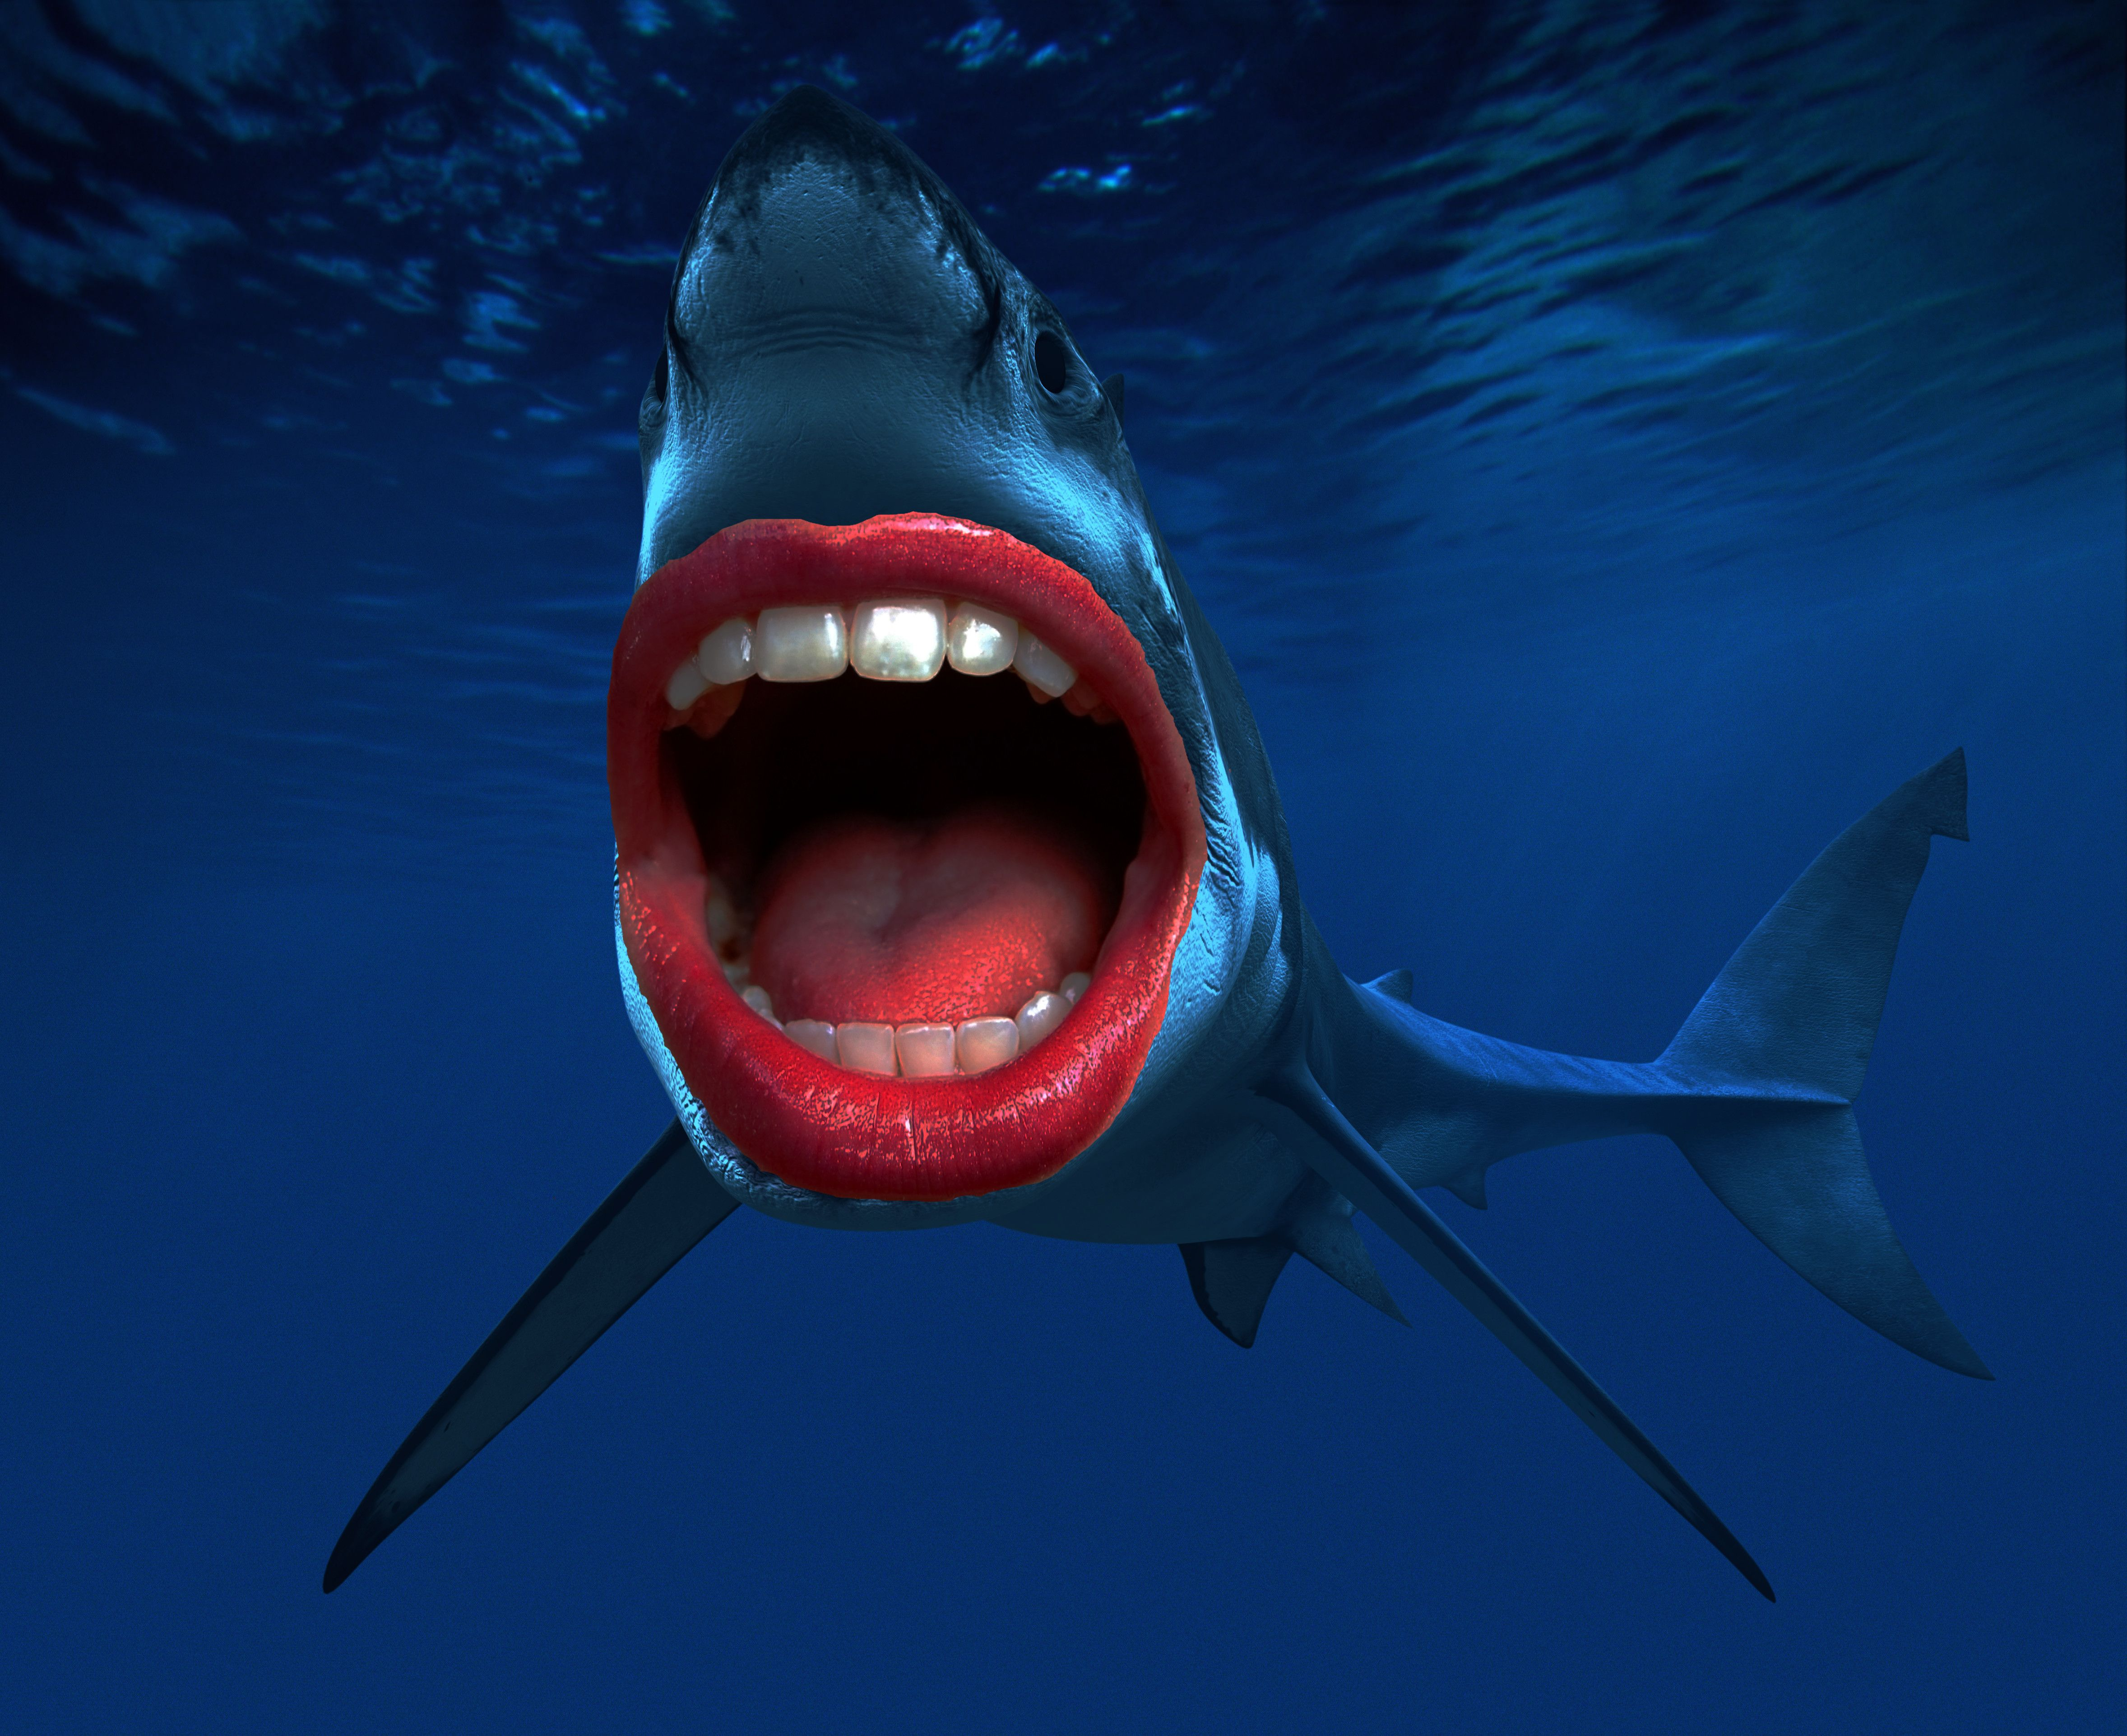 акулья пасть картинки больше